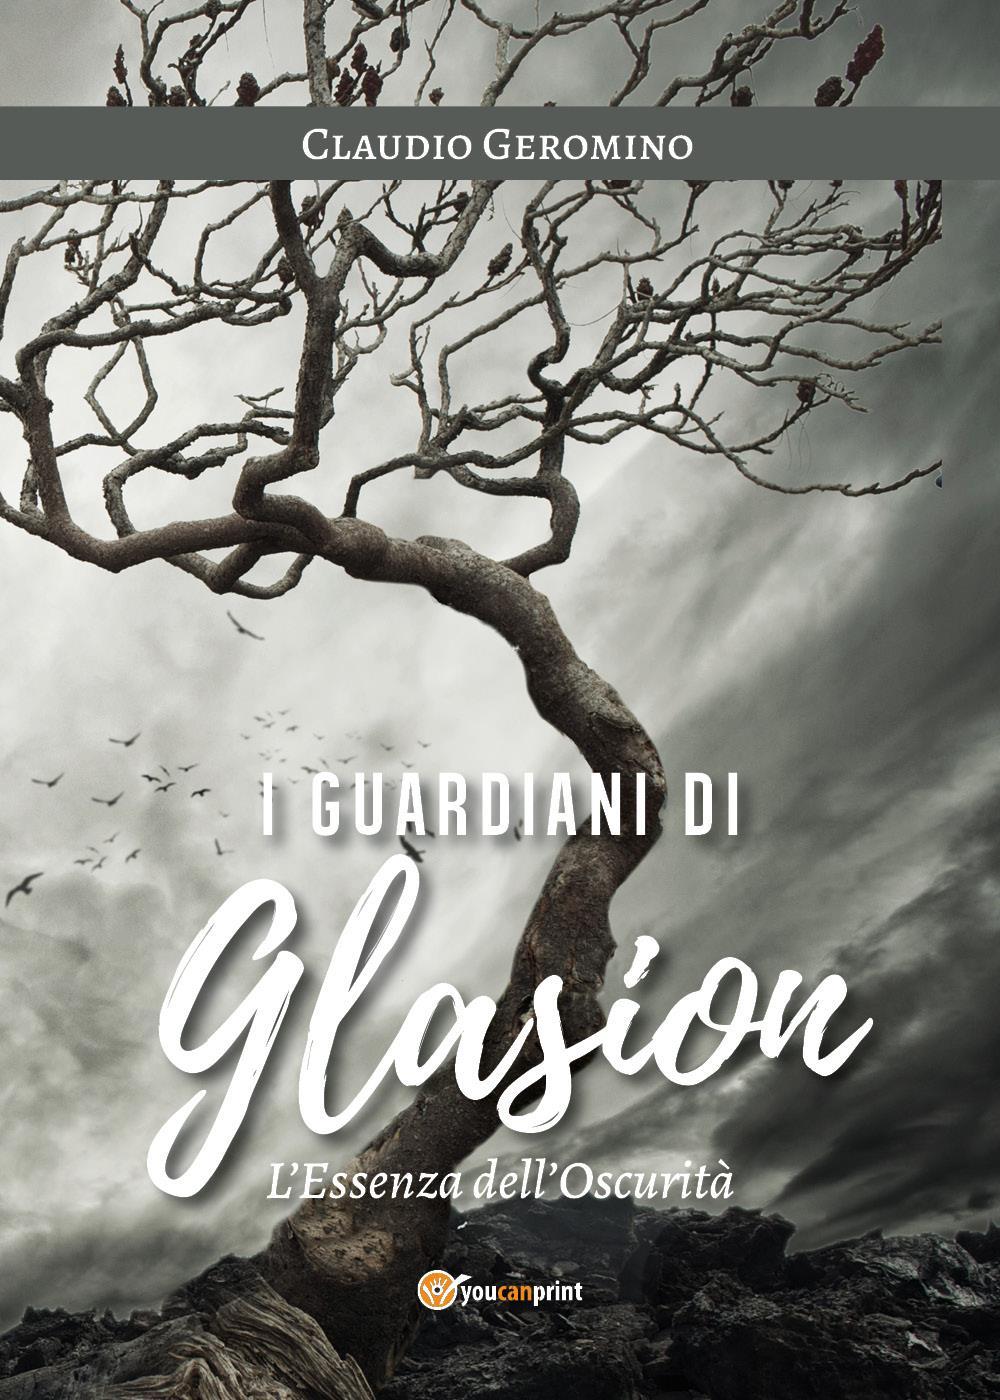 I Guardiani di Glasion: L'Essenza dell'Oscurità